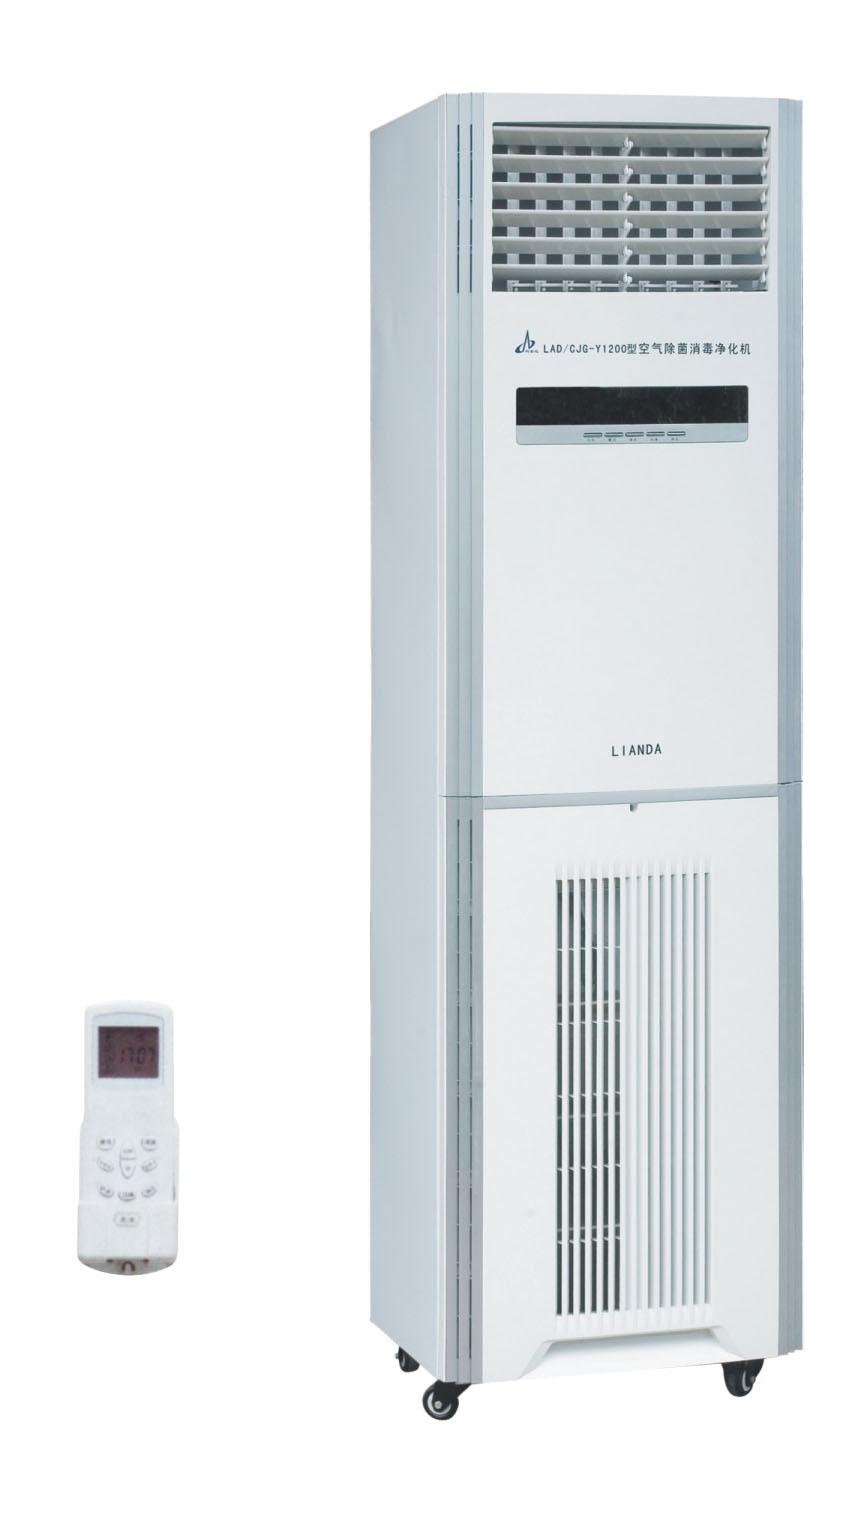 供应广东利安达等离子医用柜式空气消毒机